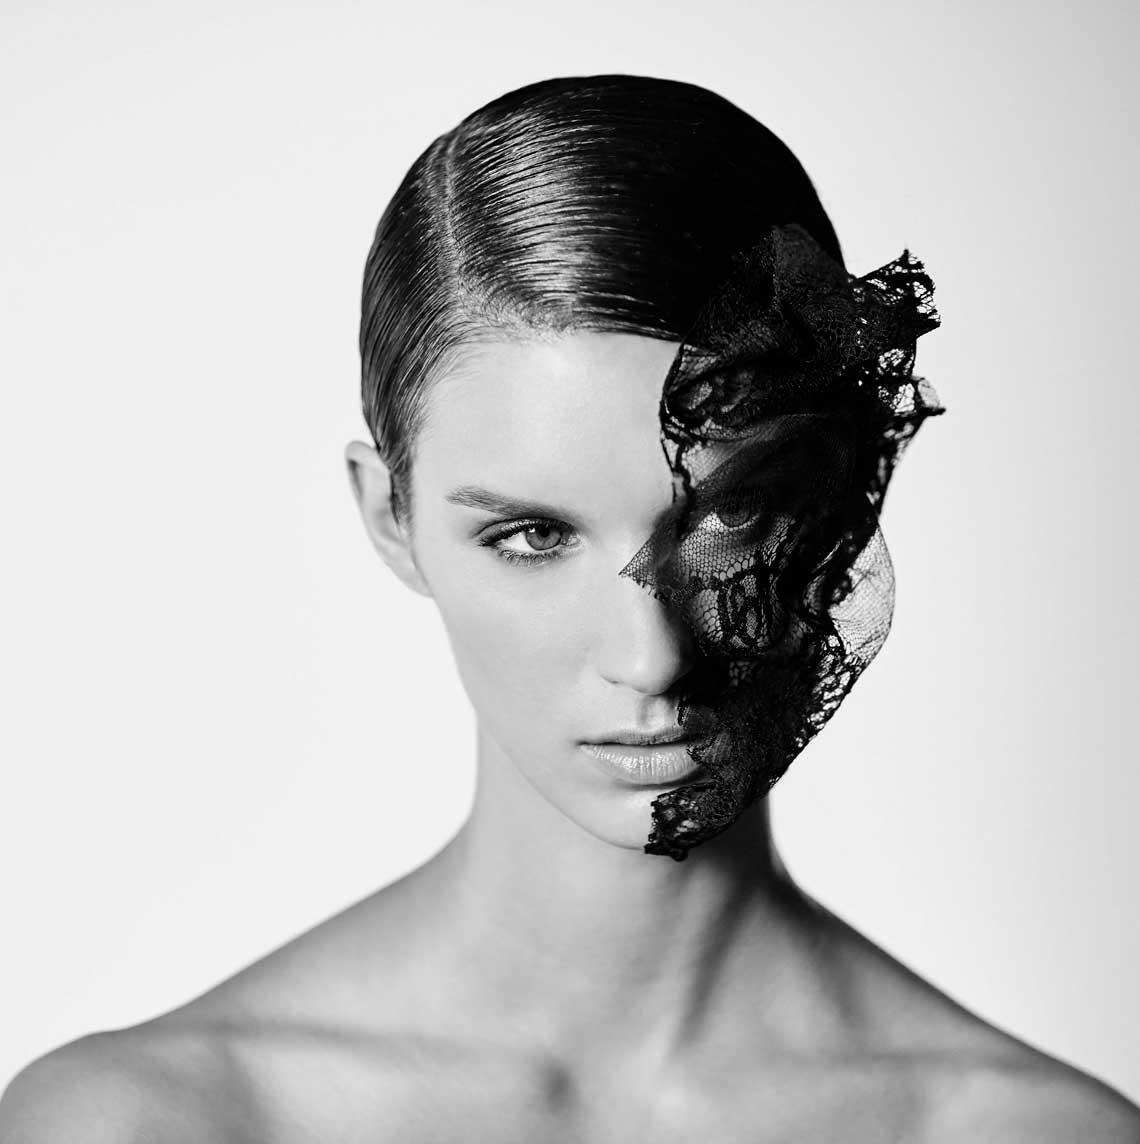 ソワン ノワール:美しさが生まれ変わるプレミアム スキンケア